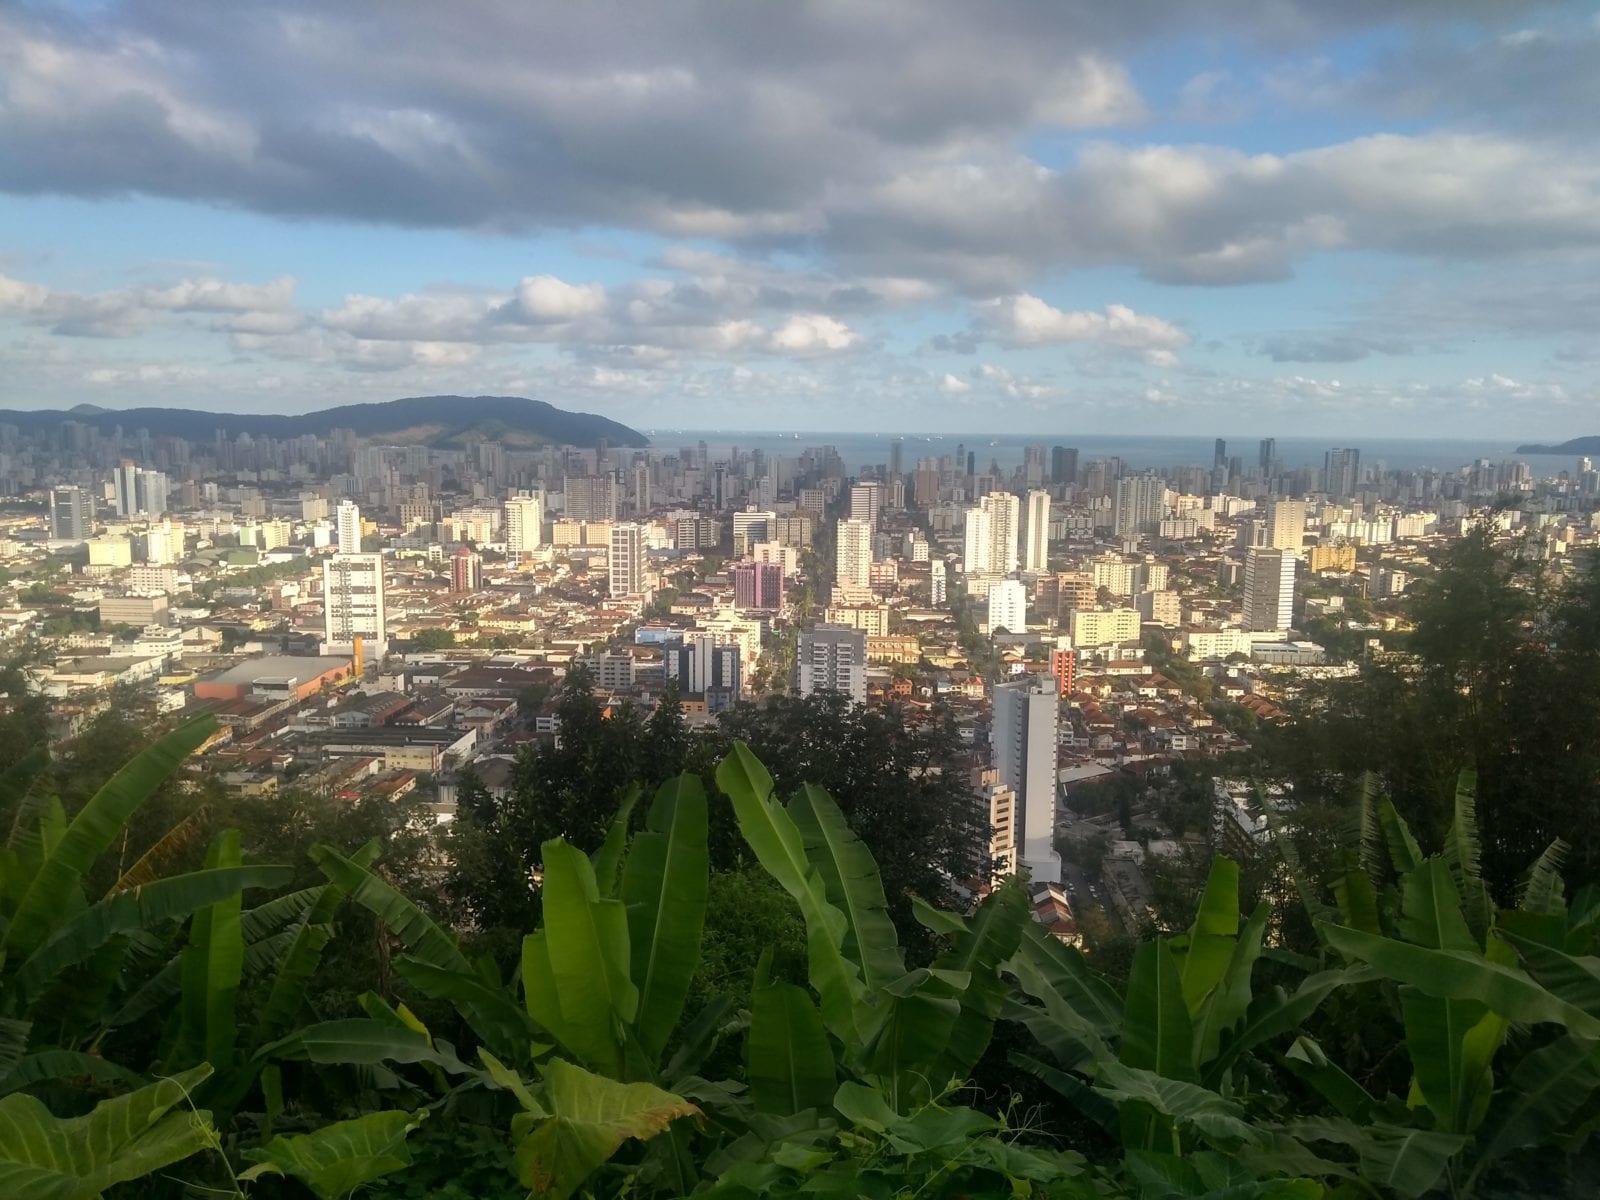 DIÁRIO visita o litoral e apresenta as principais atrações de Santos (SP) - (Confira!)